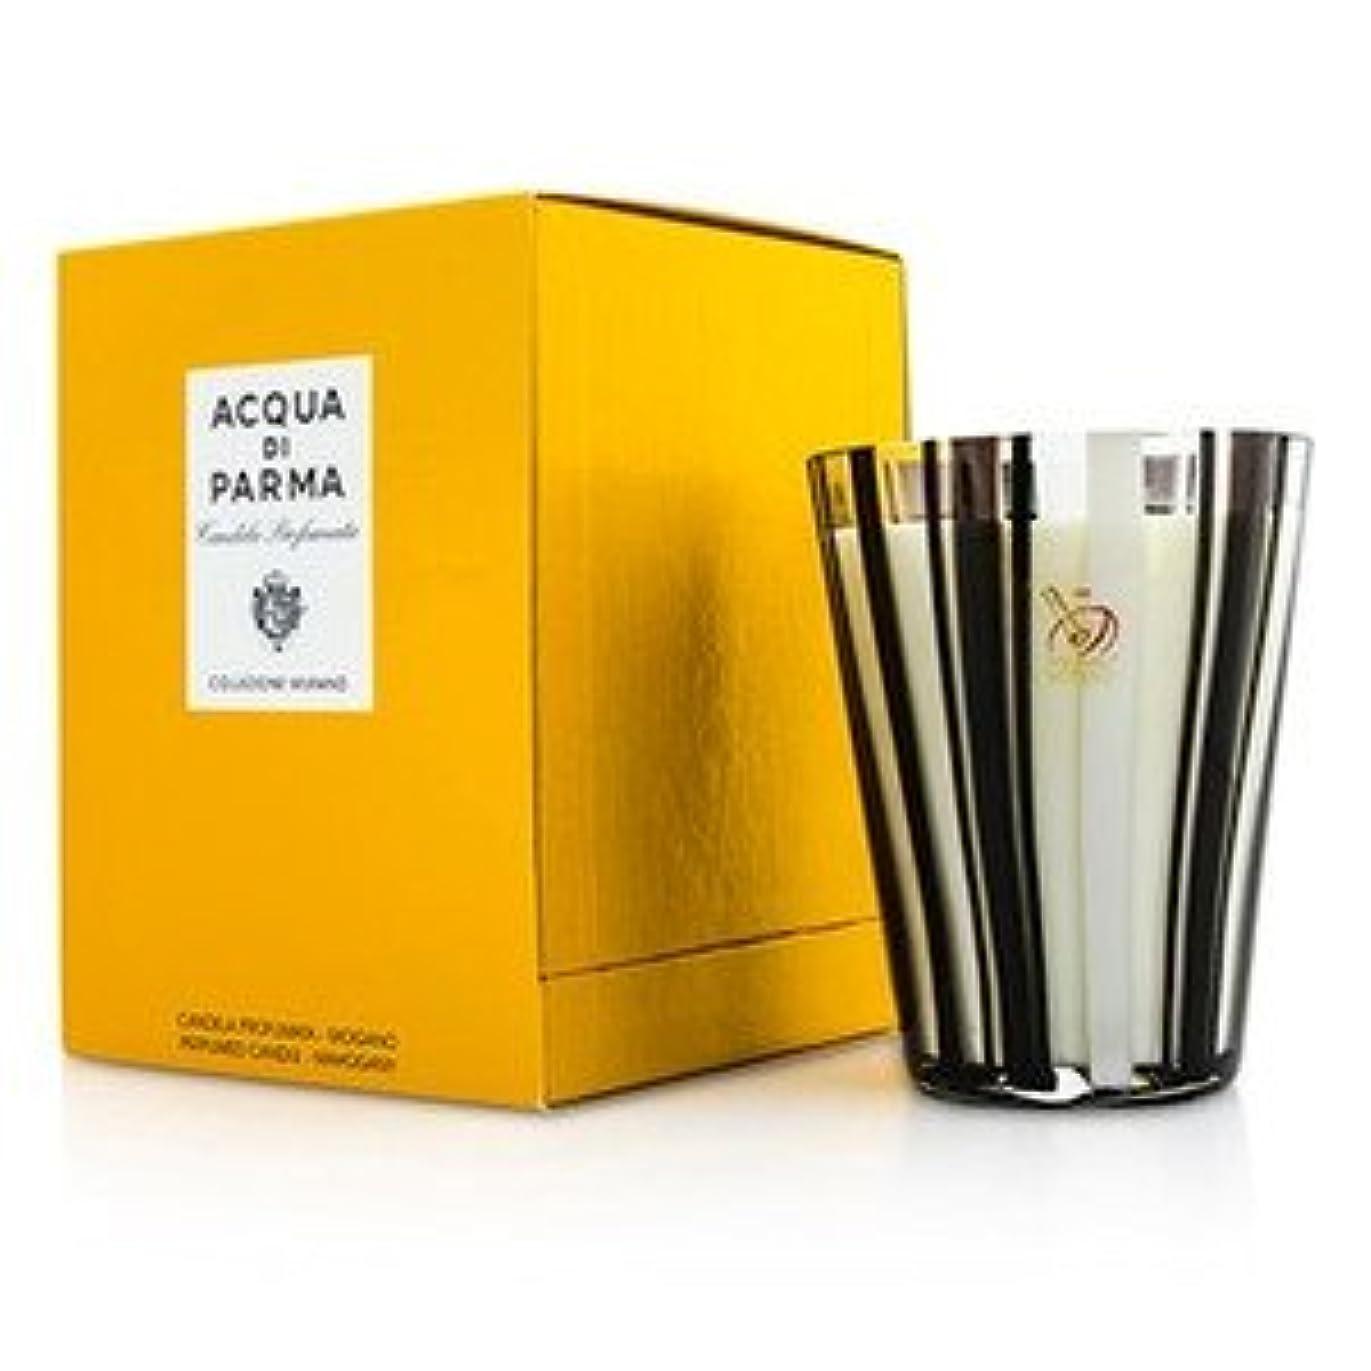 再生可能矛盾する業界アクア ディ パルマ[Acqua Di Parma] ムラノ グラス パフューム キャンドル - Mogano(Mahogany) 200g/7.05oz [並行輸入品]